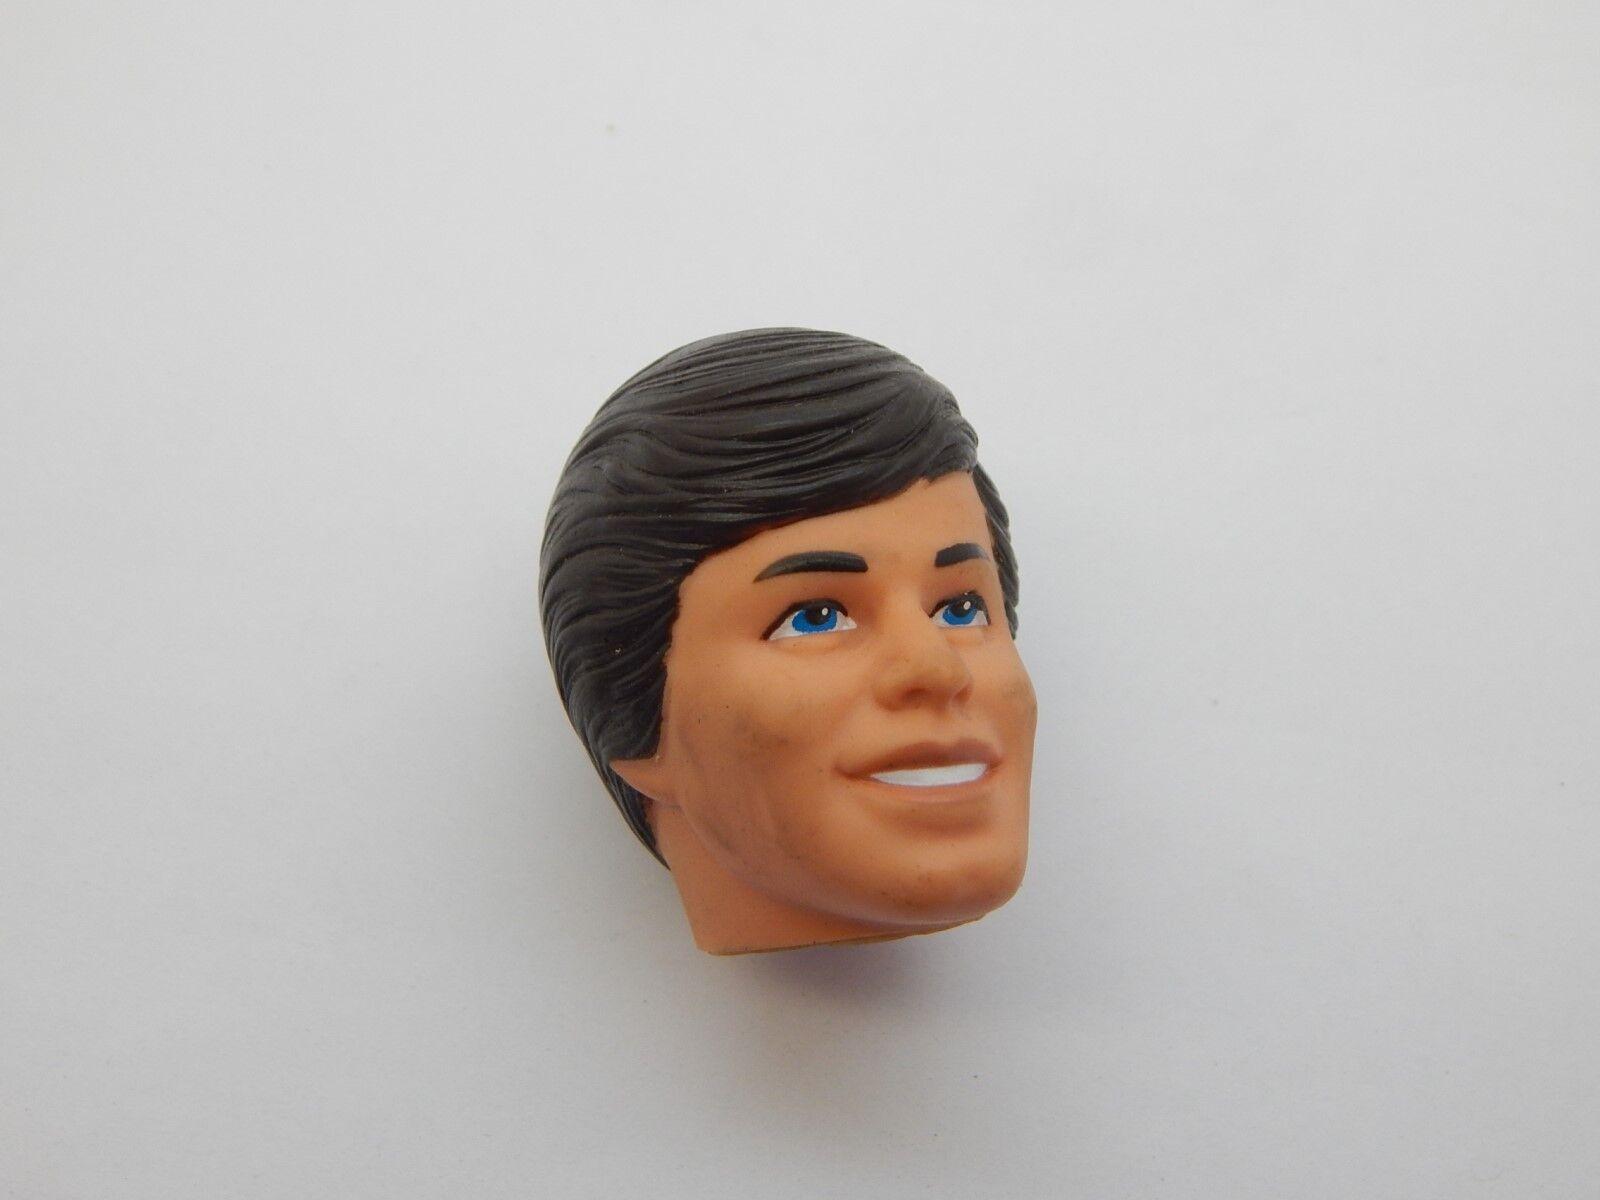 Moldes de Mattel Barbie de prueba de ingeniero de disparo de prueba de projootipo torso R18149